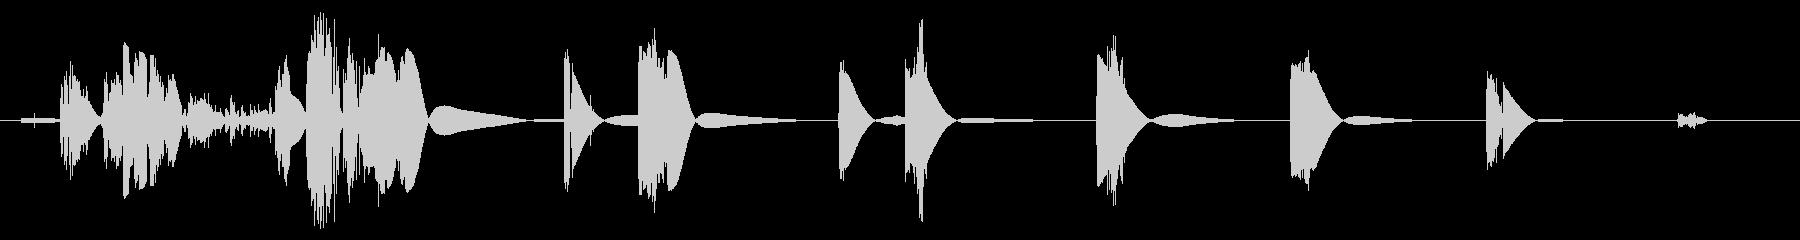 生物力学のクリーチャー:短い機械的...の未再生の波形